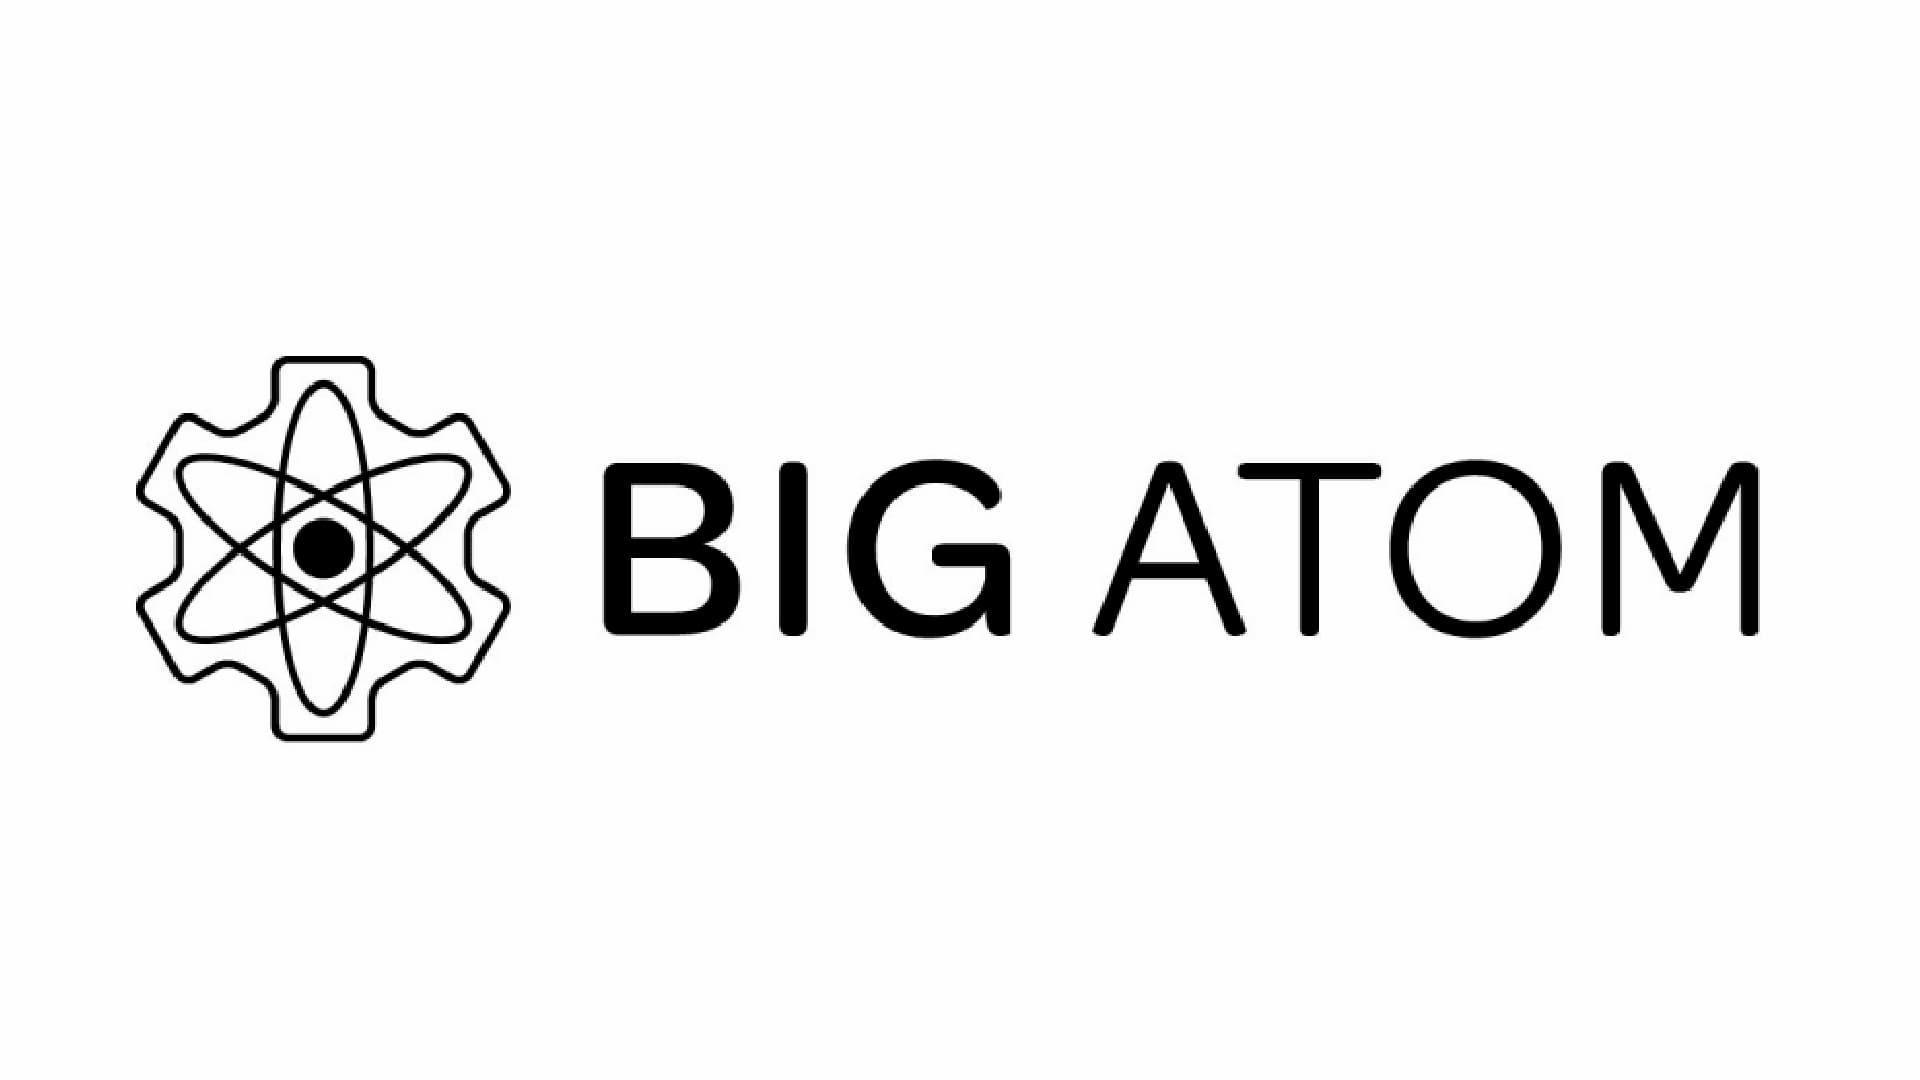 — Big Atom